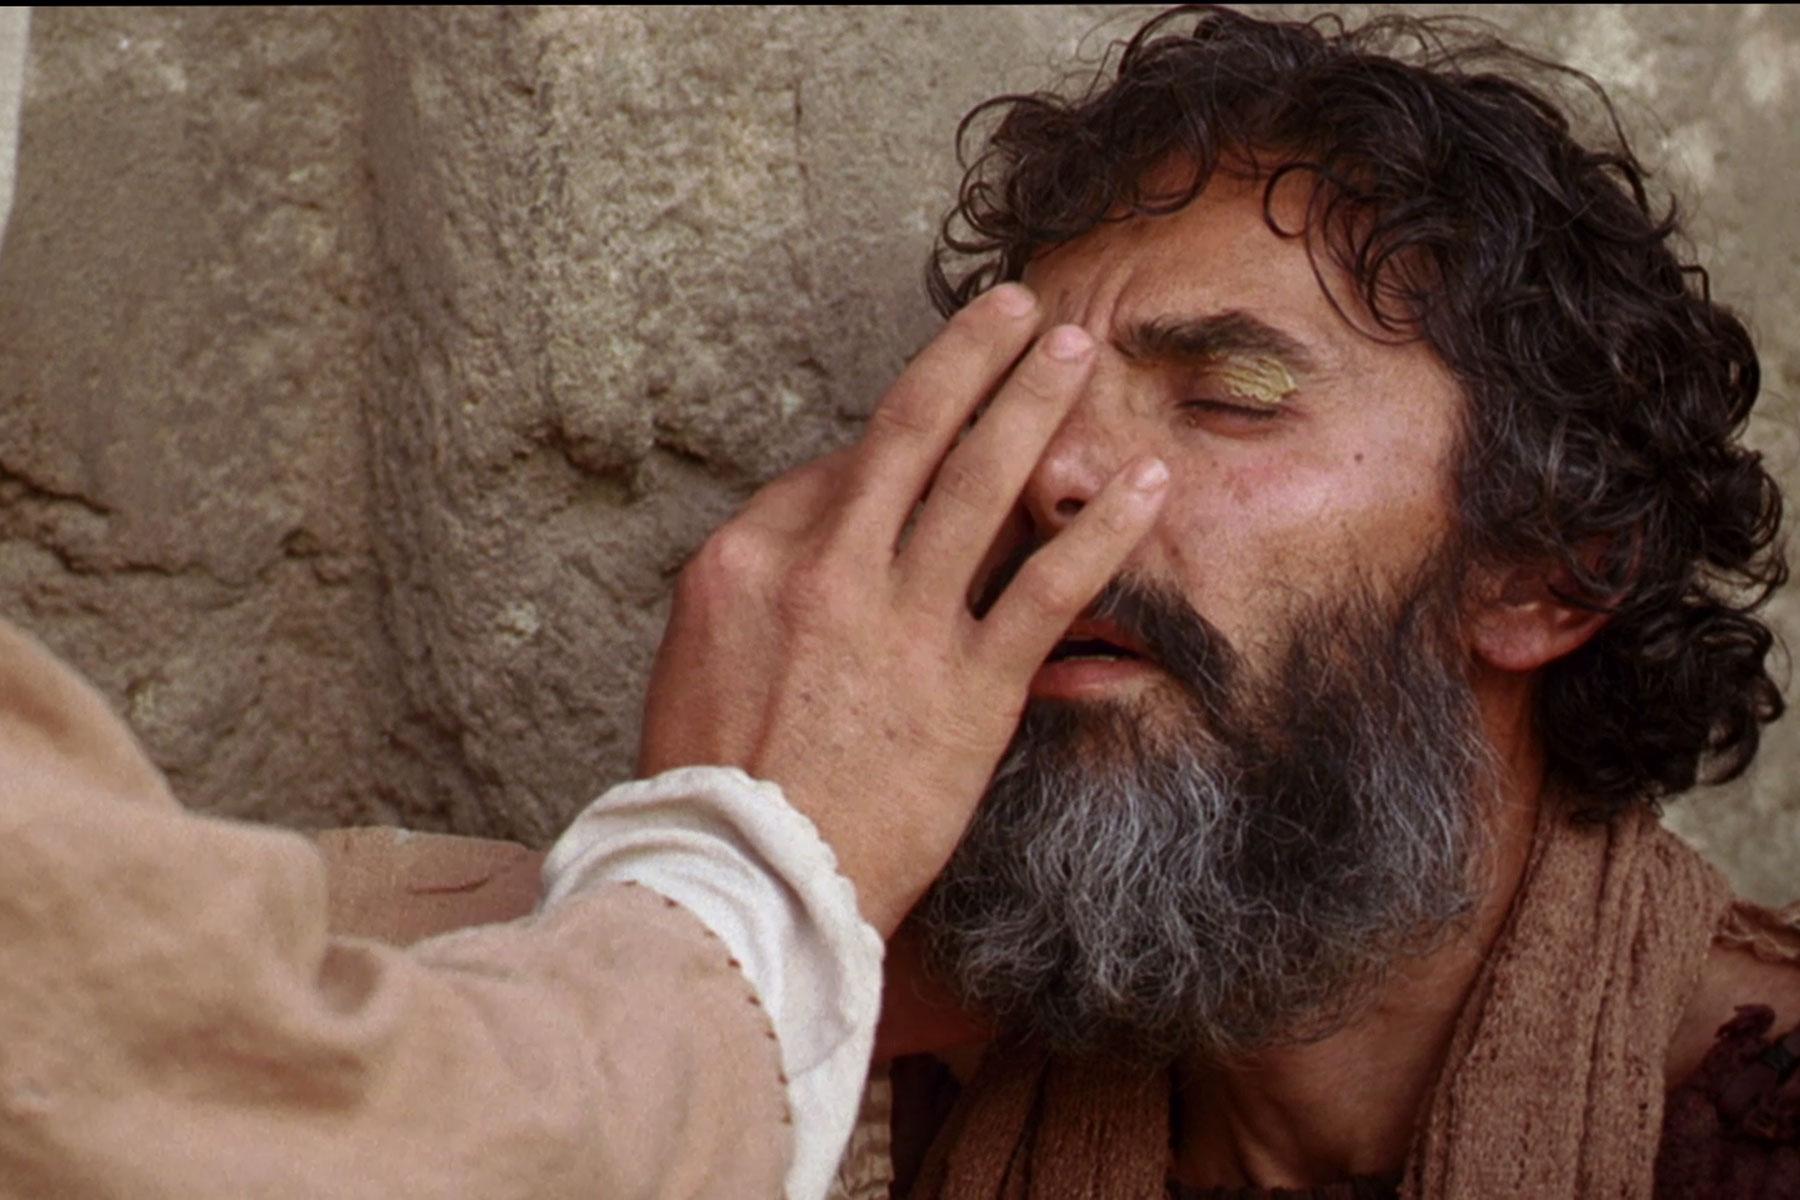 Jesus' healing today